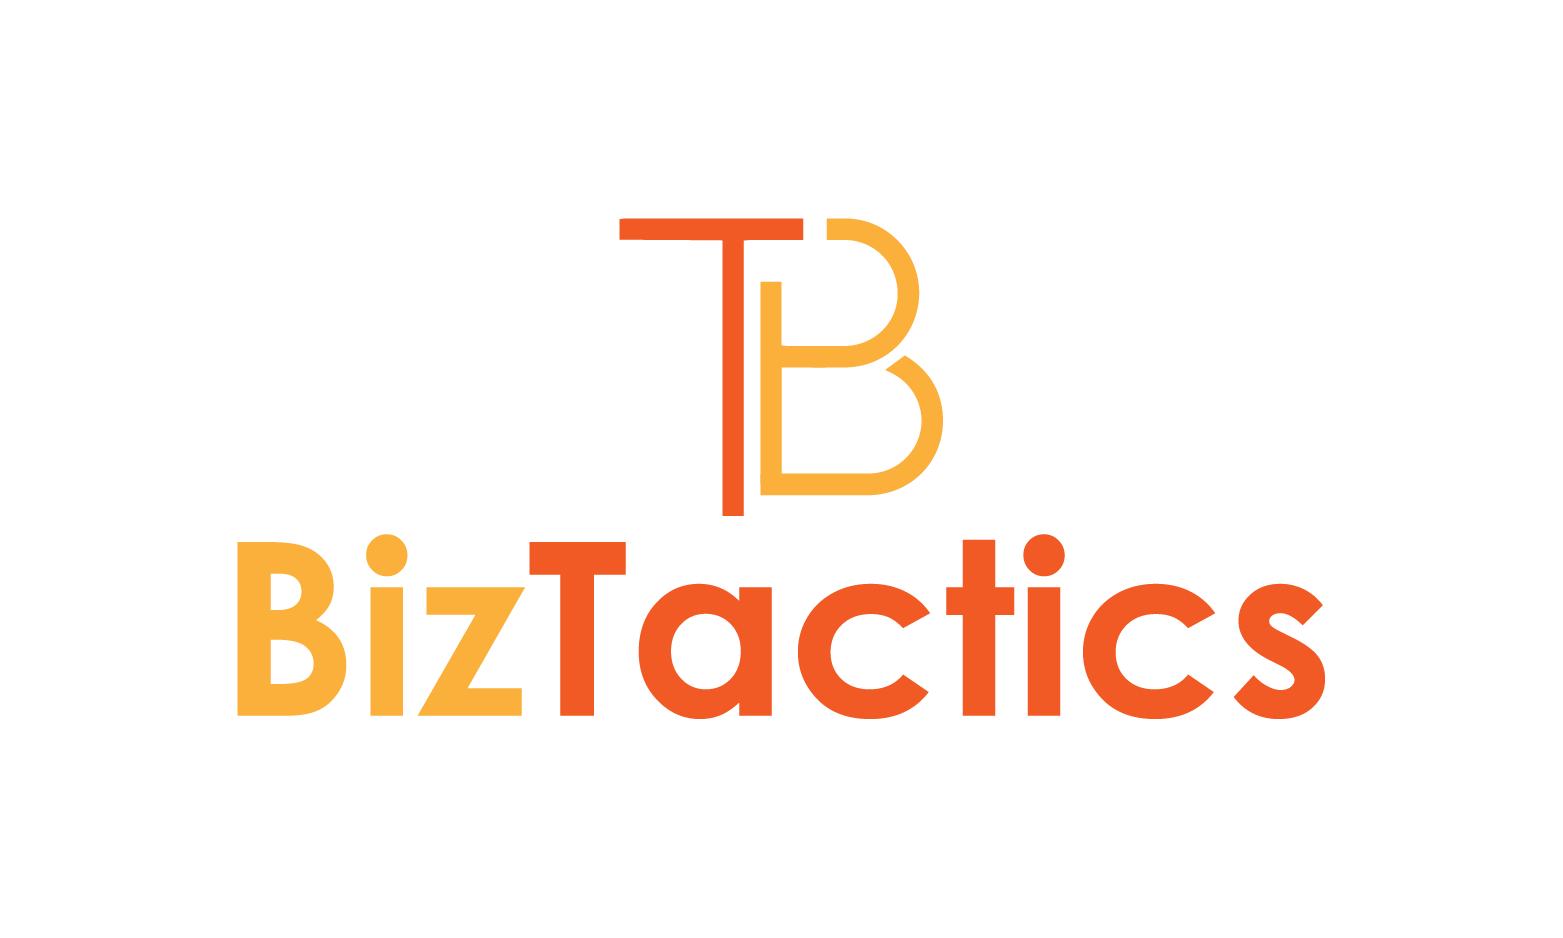 BizTactics.com